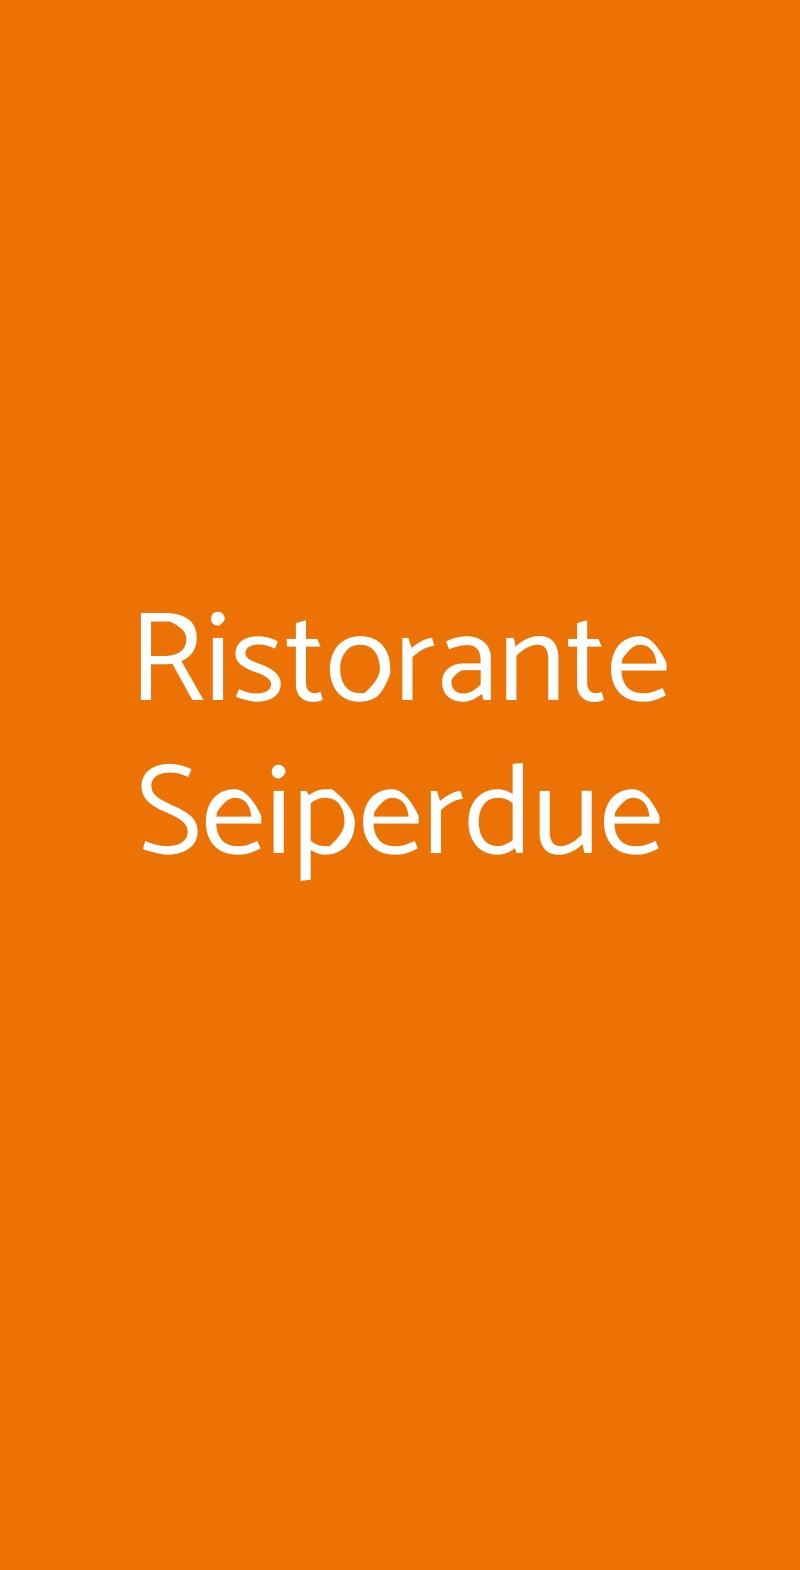 Ristorante Seiperdue Roma menù 1 pagina